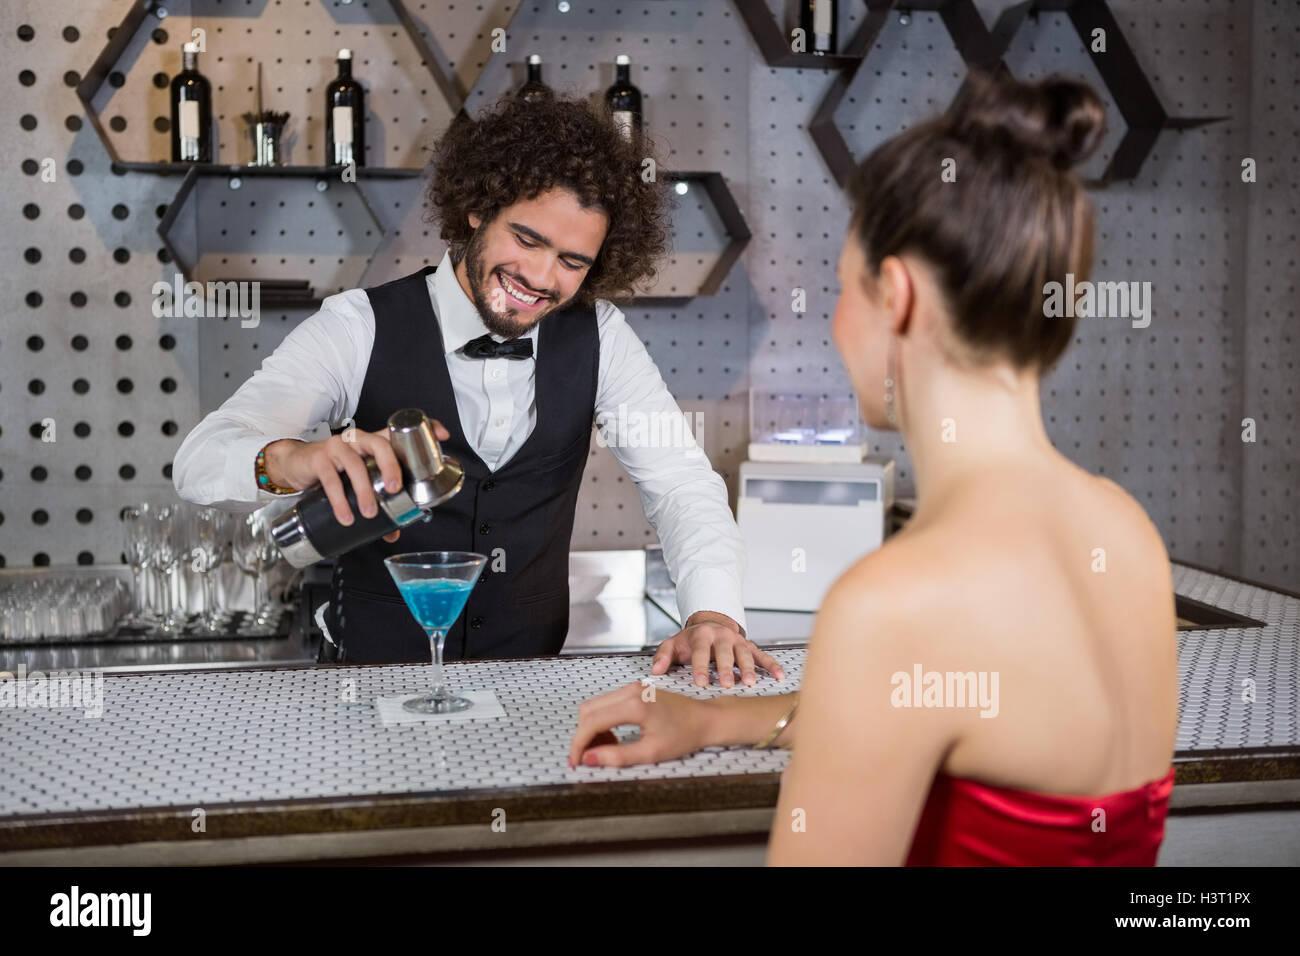 Verter camarero cóctel en womans cristal en el mostrador de bar Imagen De Stock